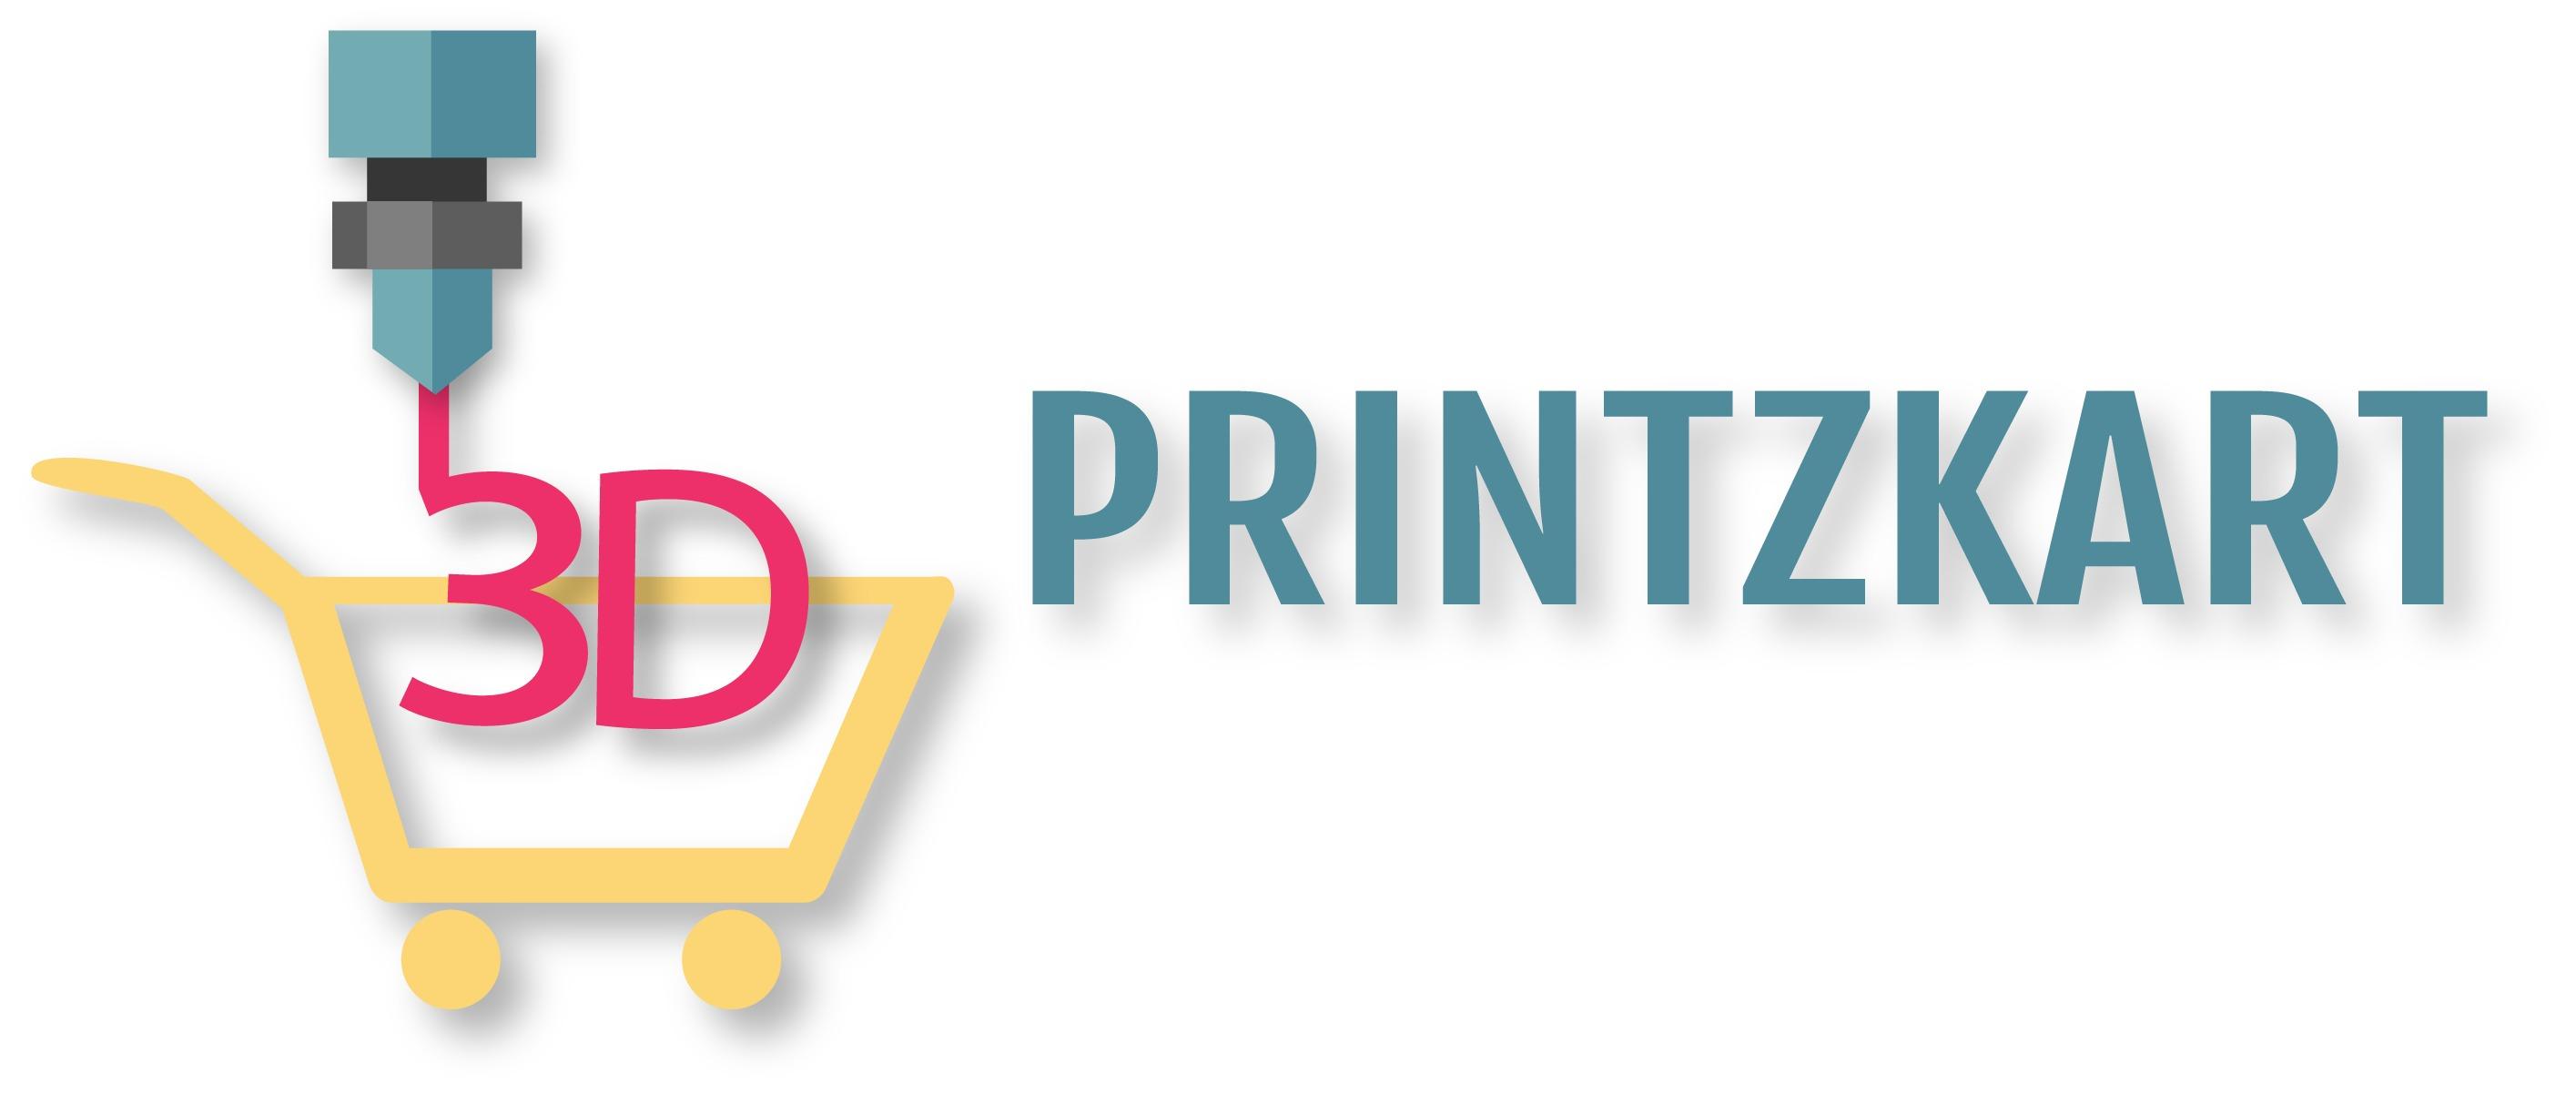 3D PRINTZKART